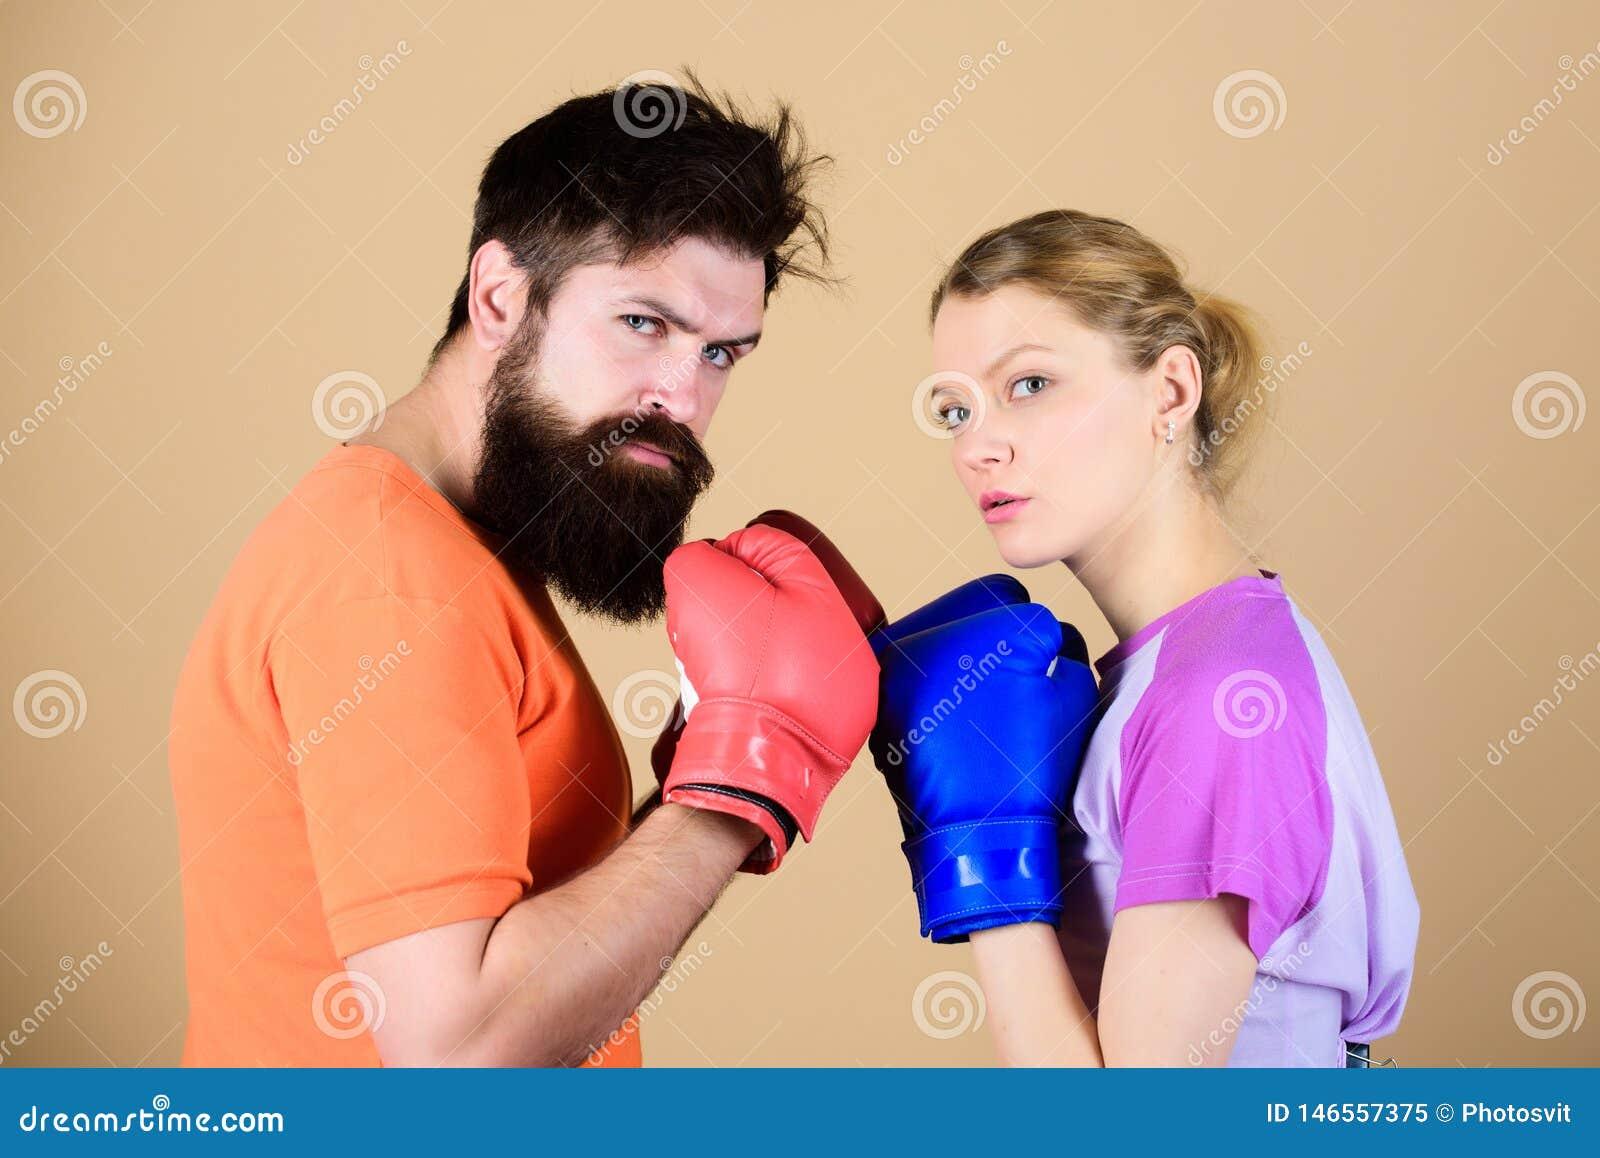 Esporte para todos Clube de encaixotamento amador Possibilidades iguais For?a e poder Homem e mulher em luvas de encaixotamento S